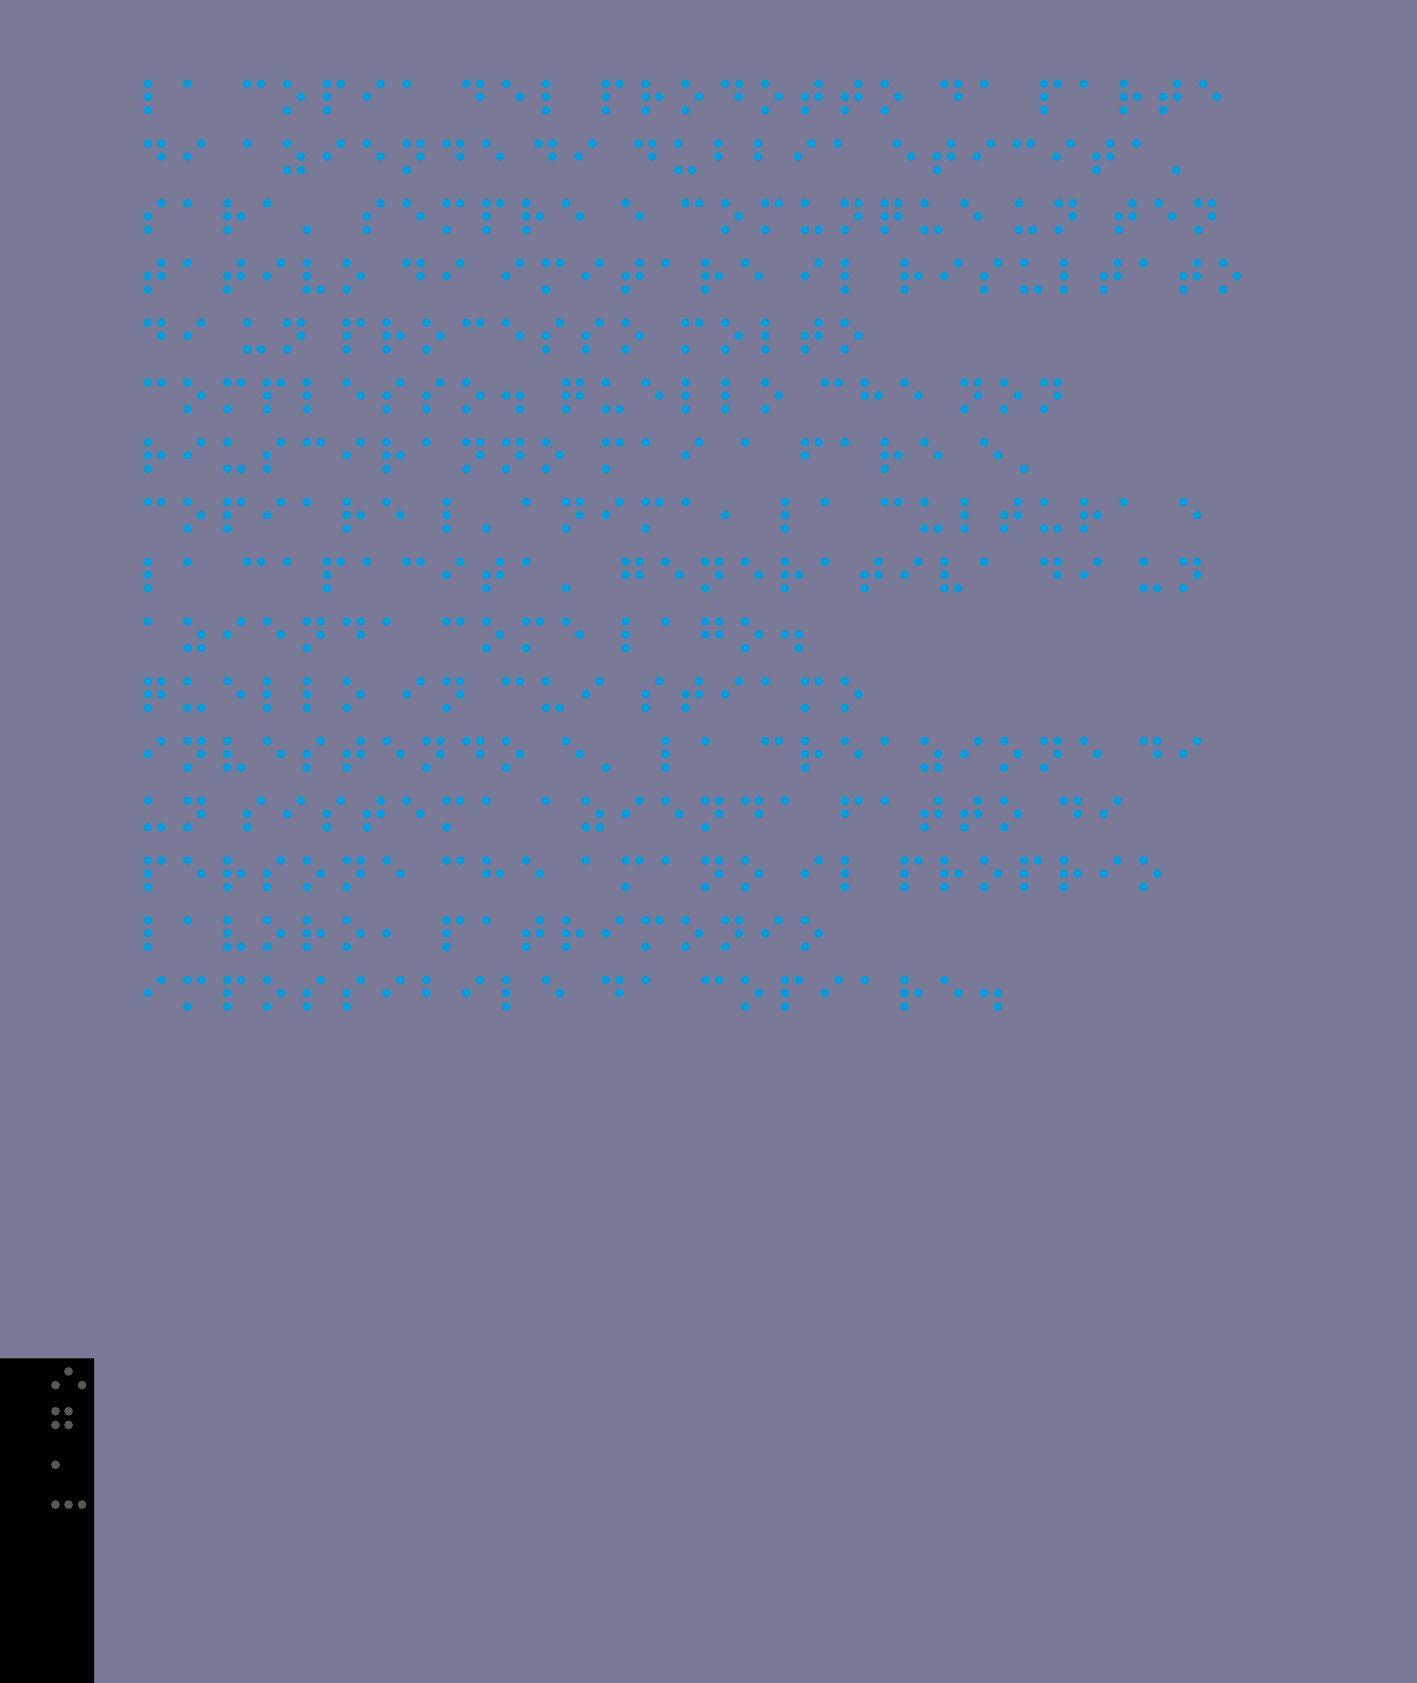 Nuovo catalogo 36e8 by lago s p a issuu for Lago 36e8 catalogo pdf